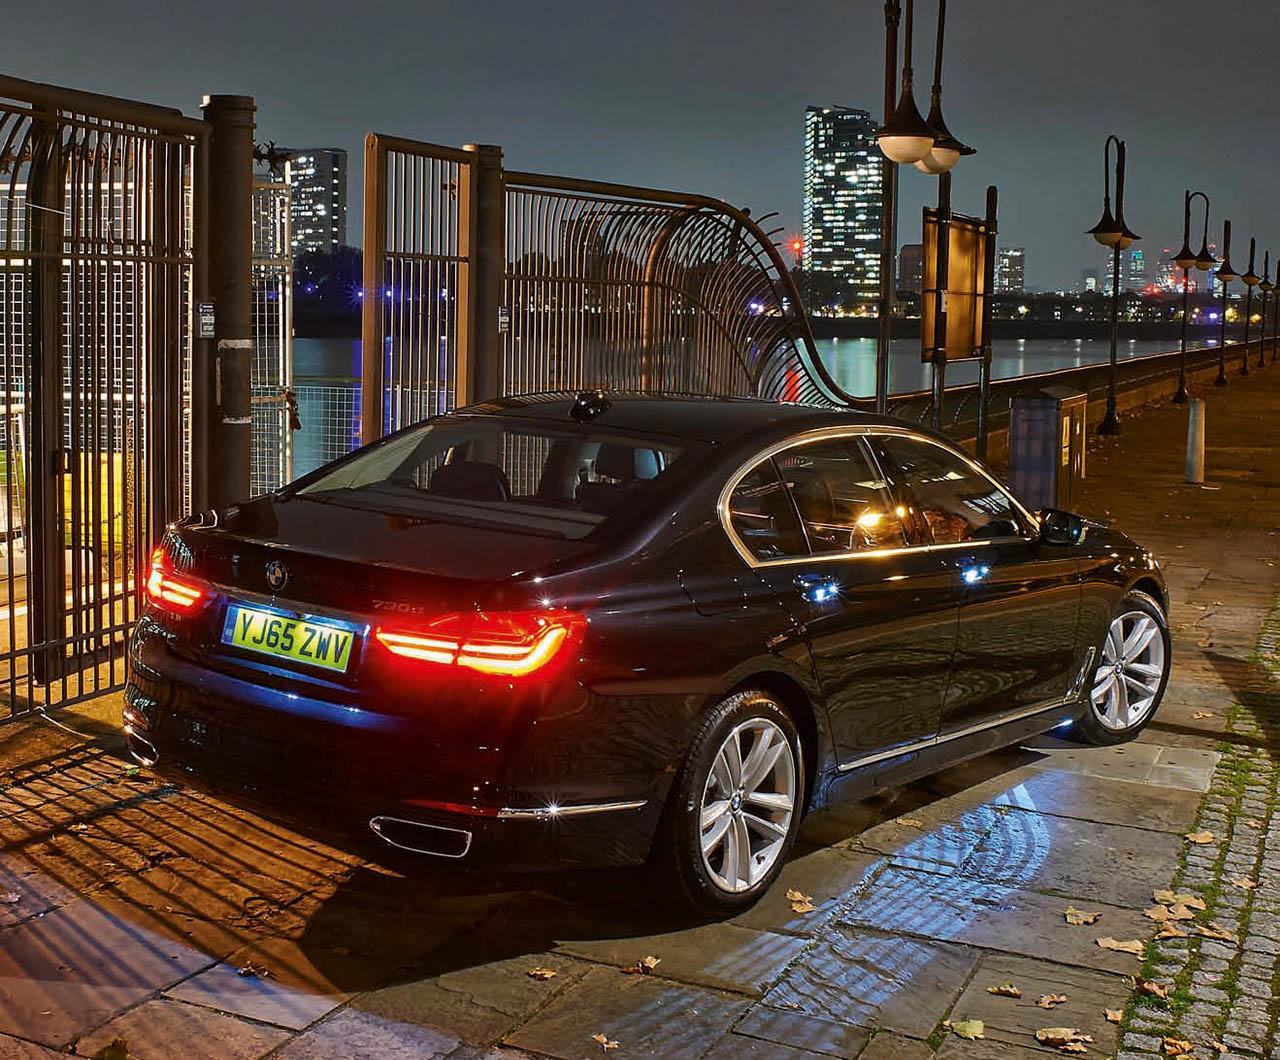 2016 BMW 730d G11